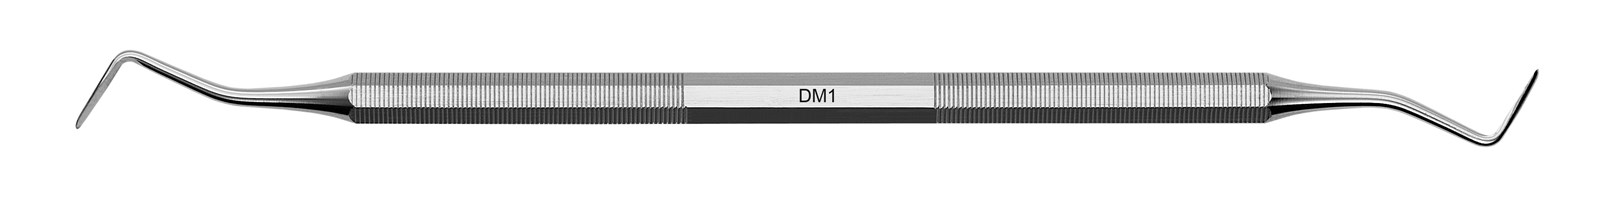 Lžičkové dlátko - DM1, ADEP tmavě zelený